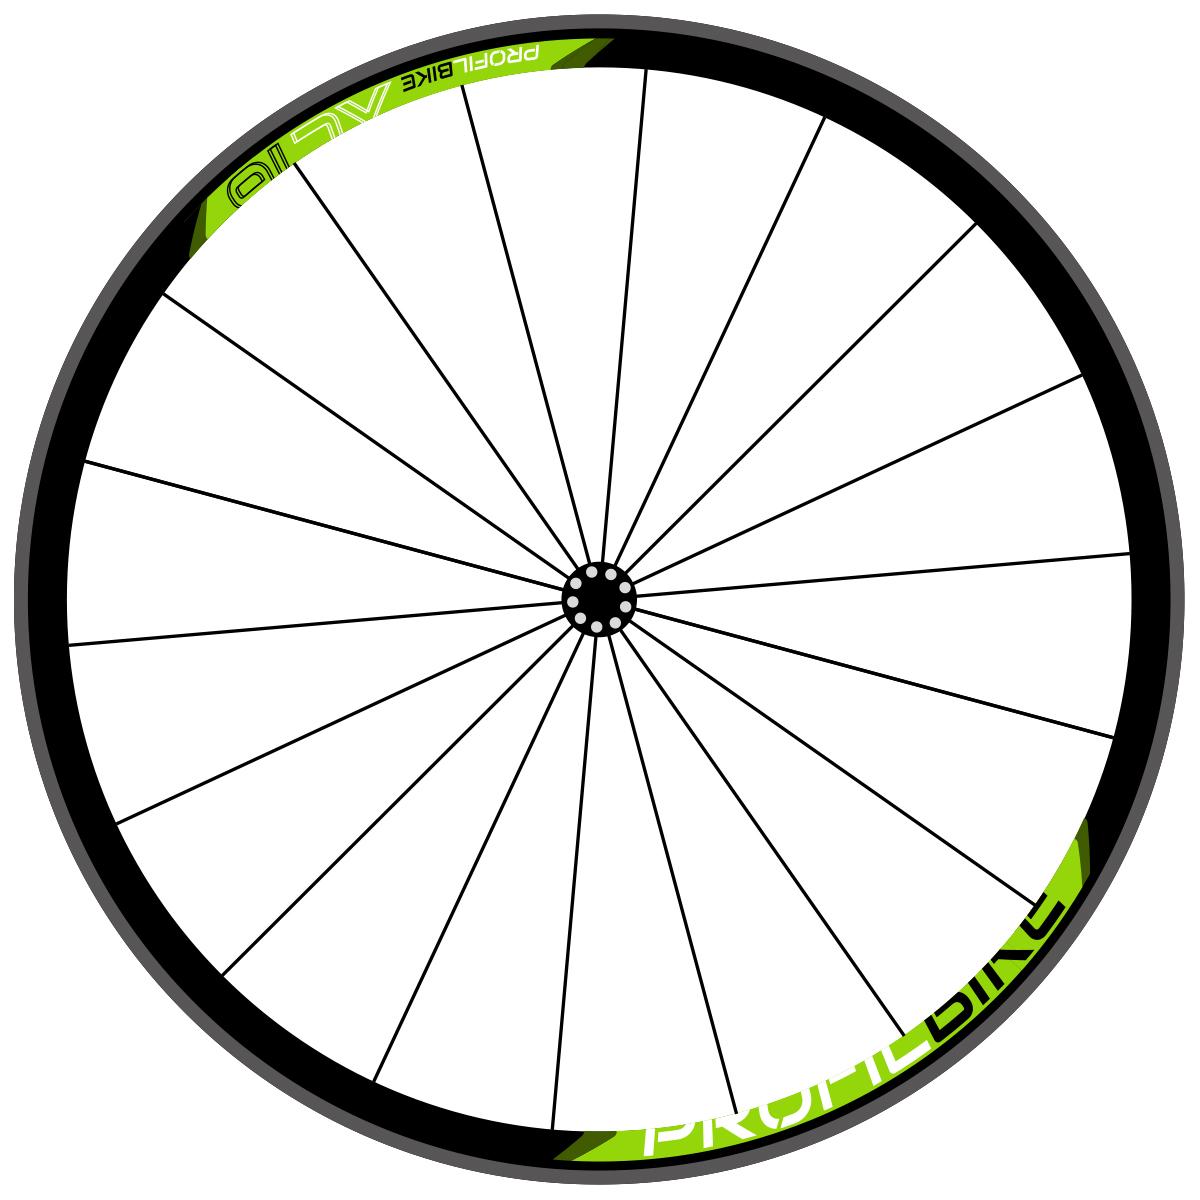 Profilbike XC16 design vert